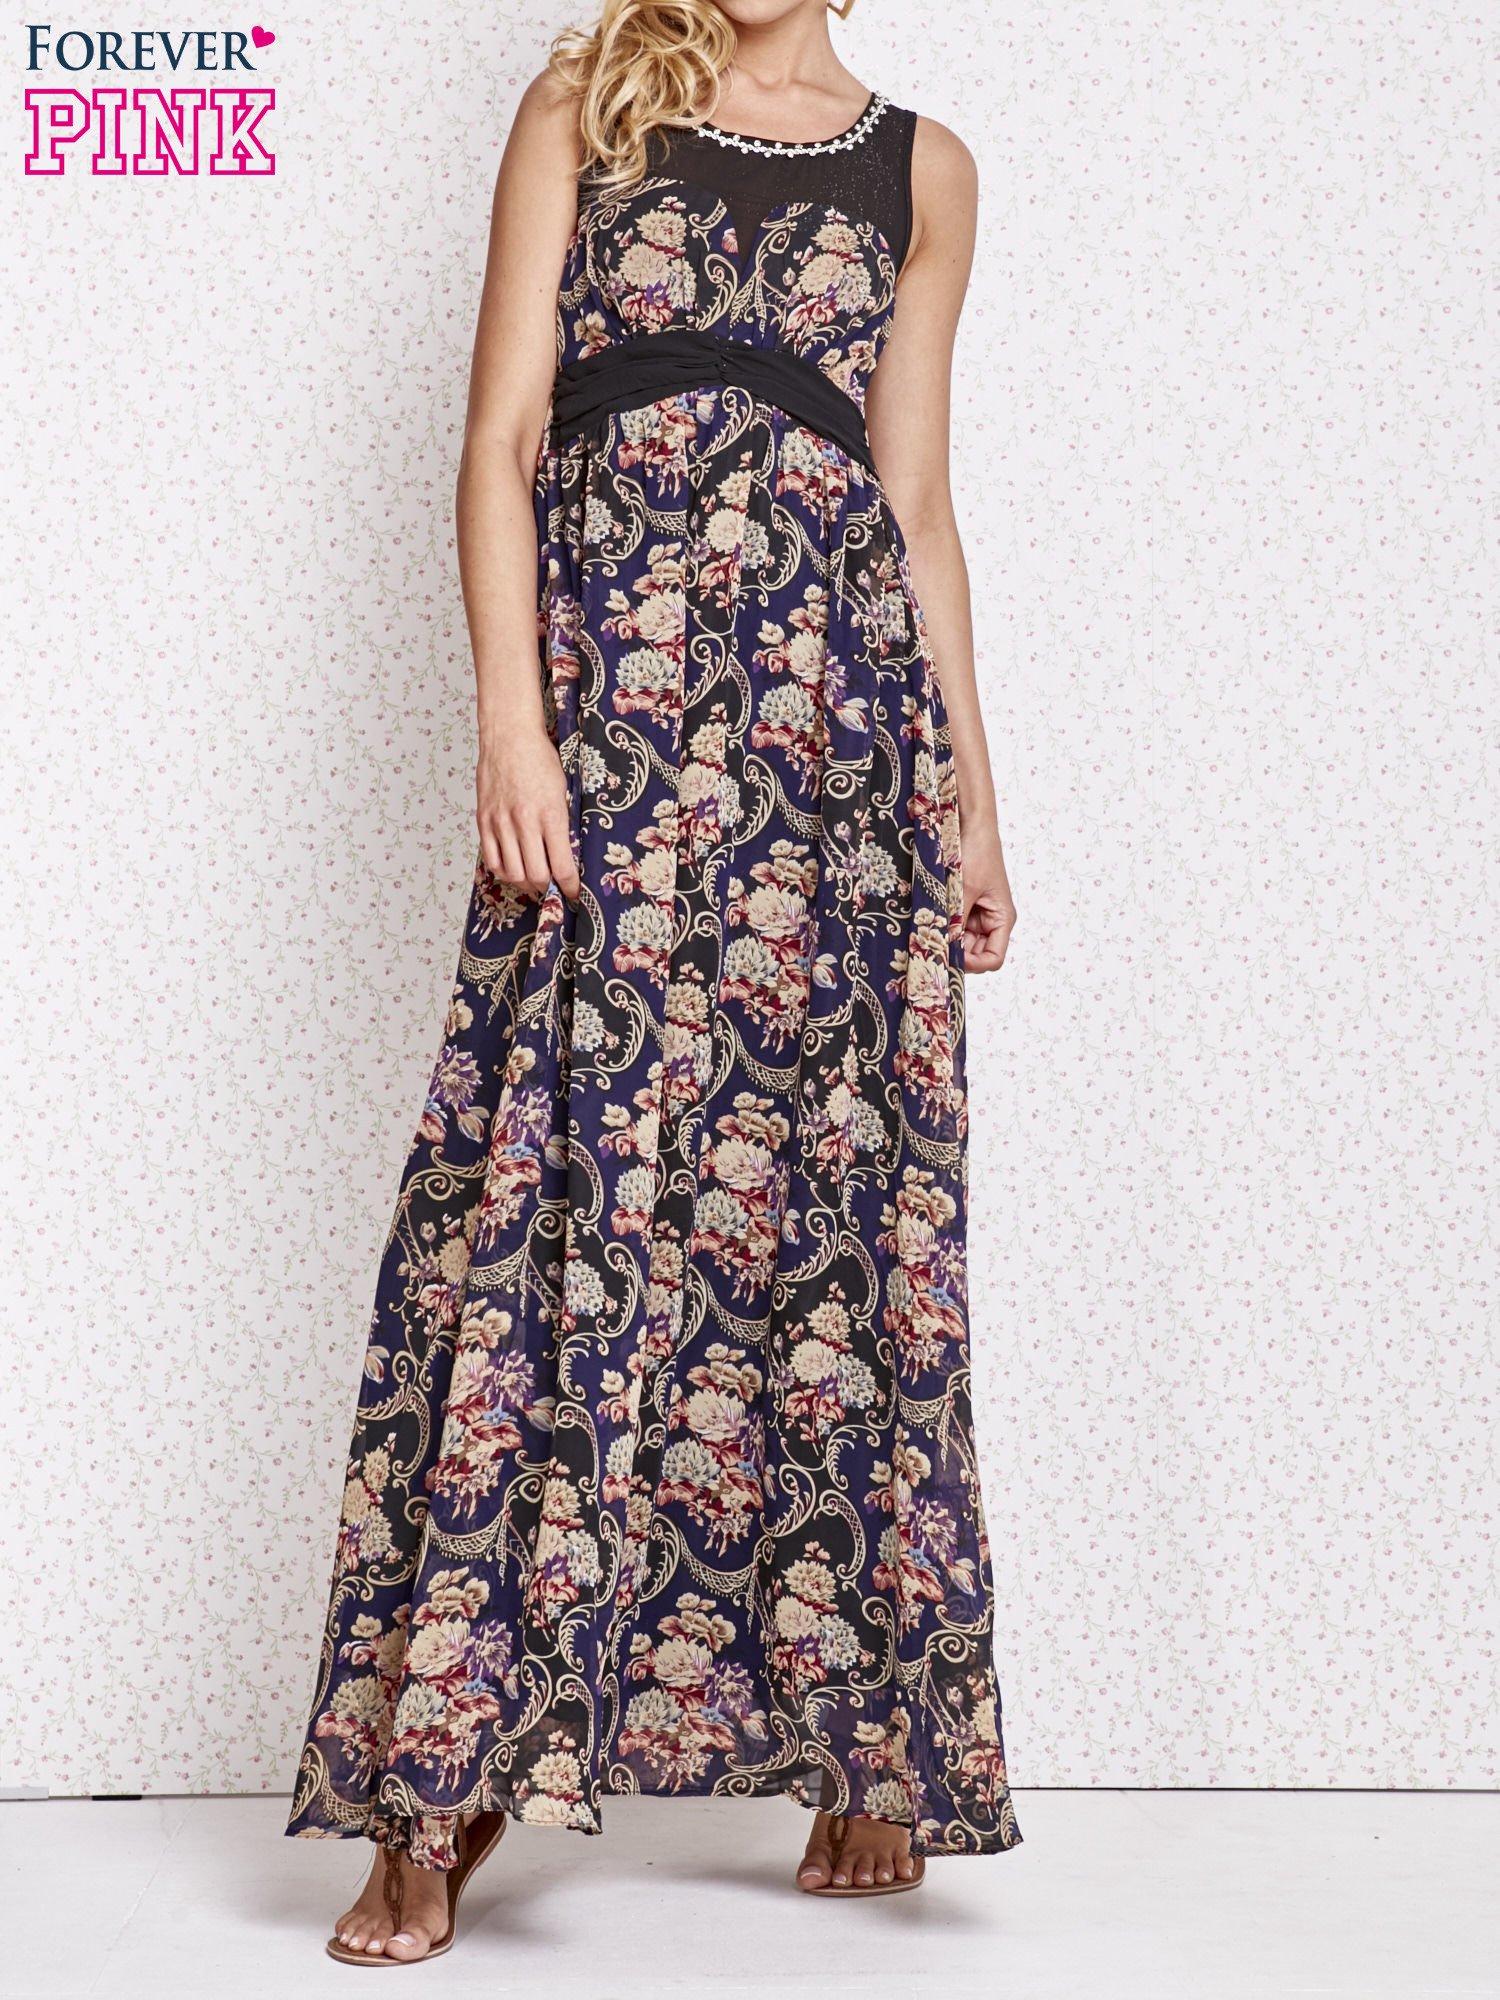 Fioletowa kwiatowa sukienka maxi z biżuteryjnym dekoltem                                  zdj.                                  1